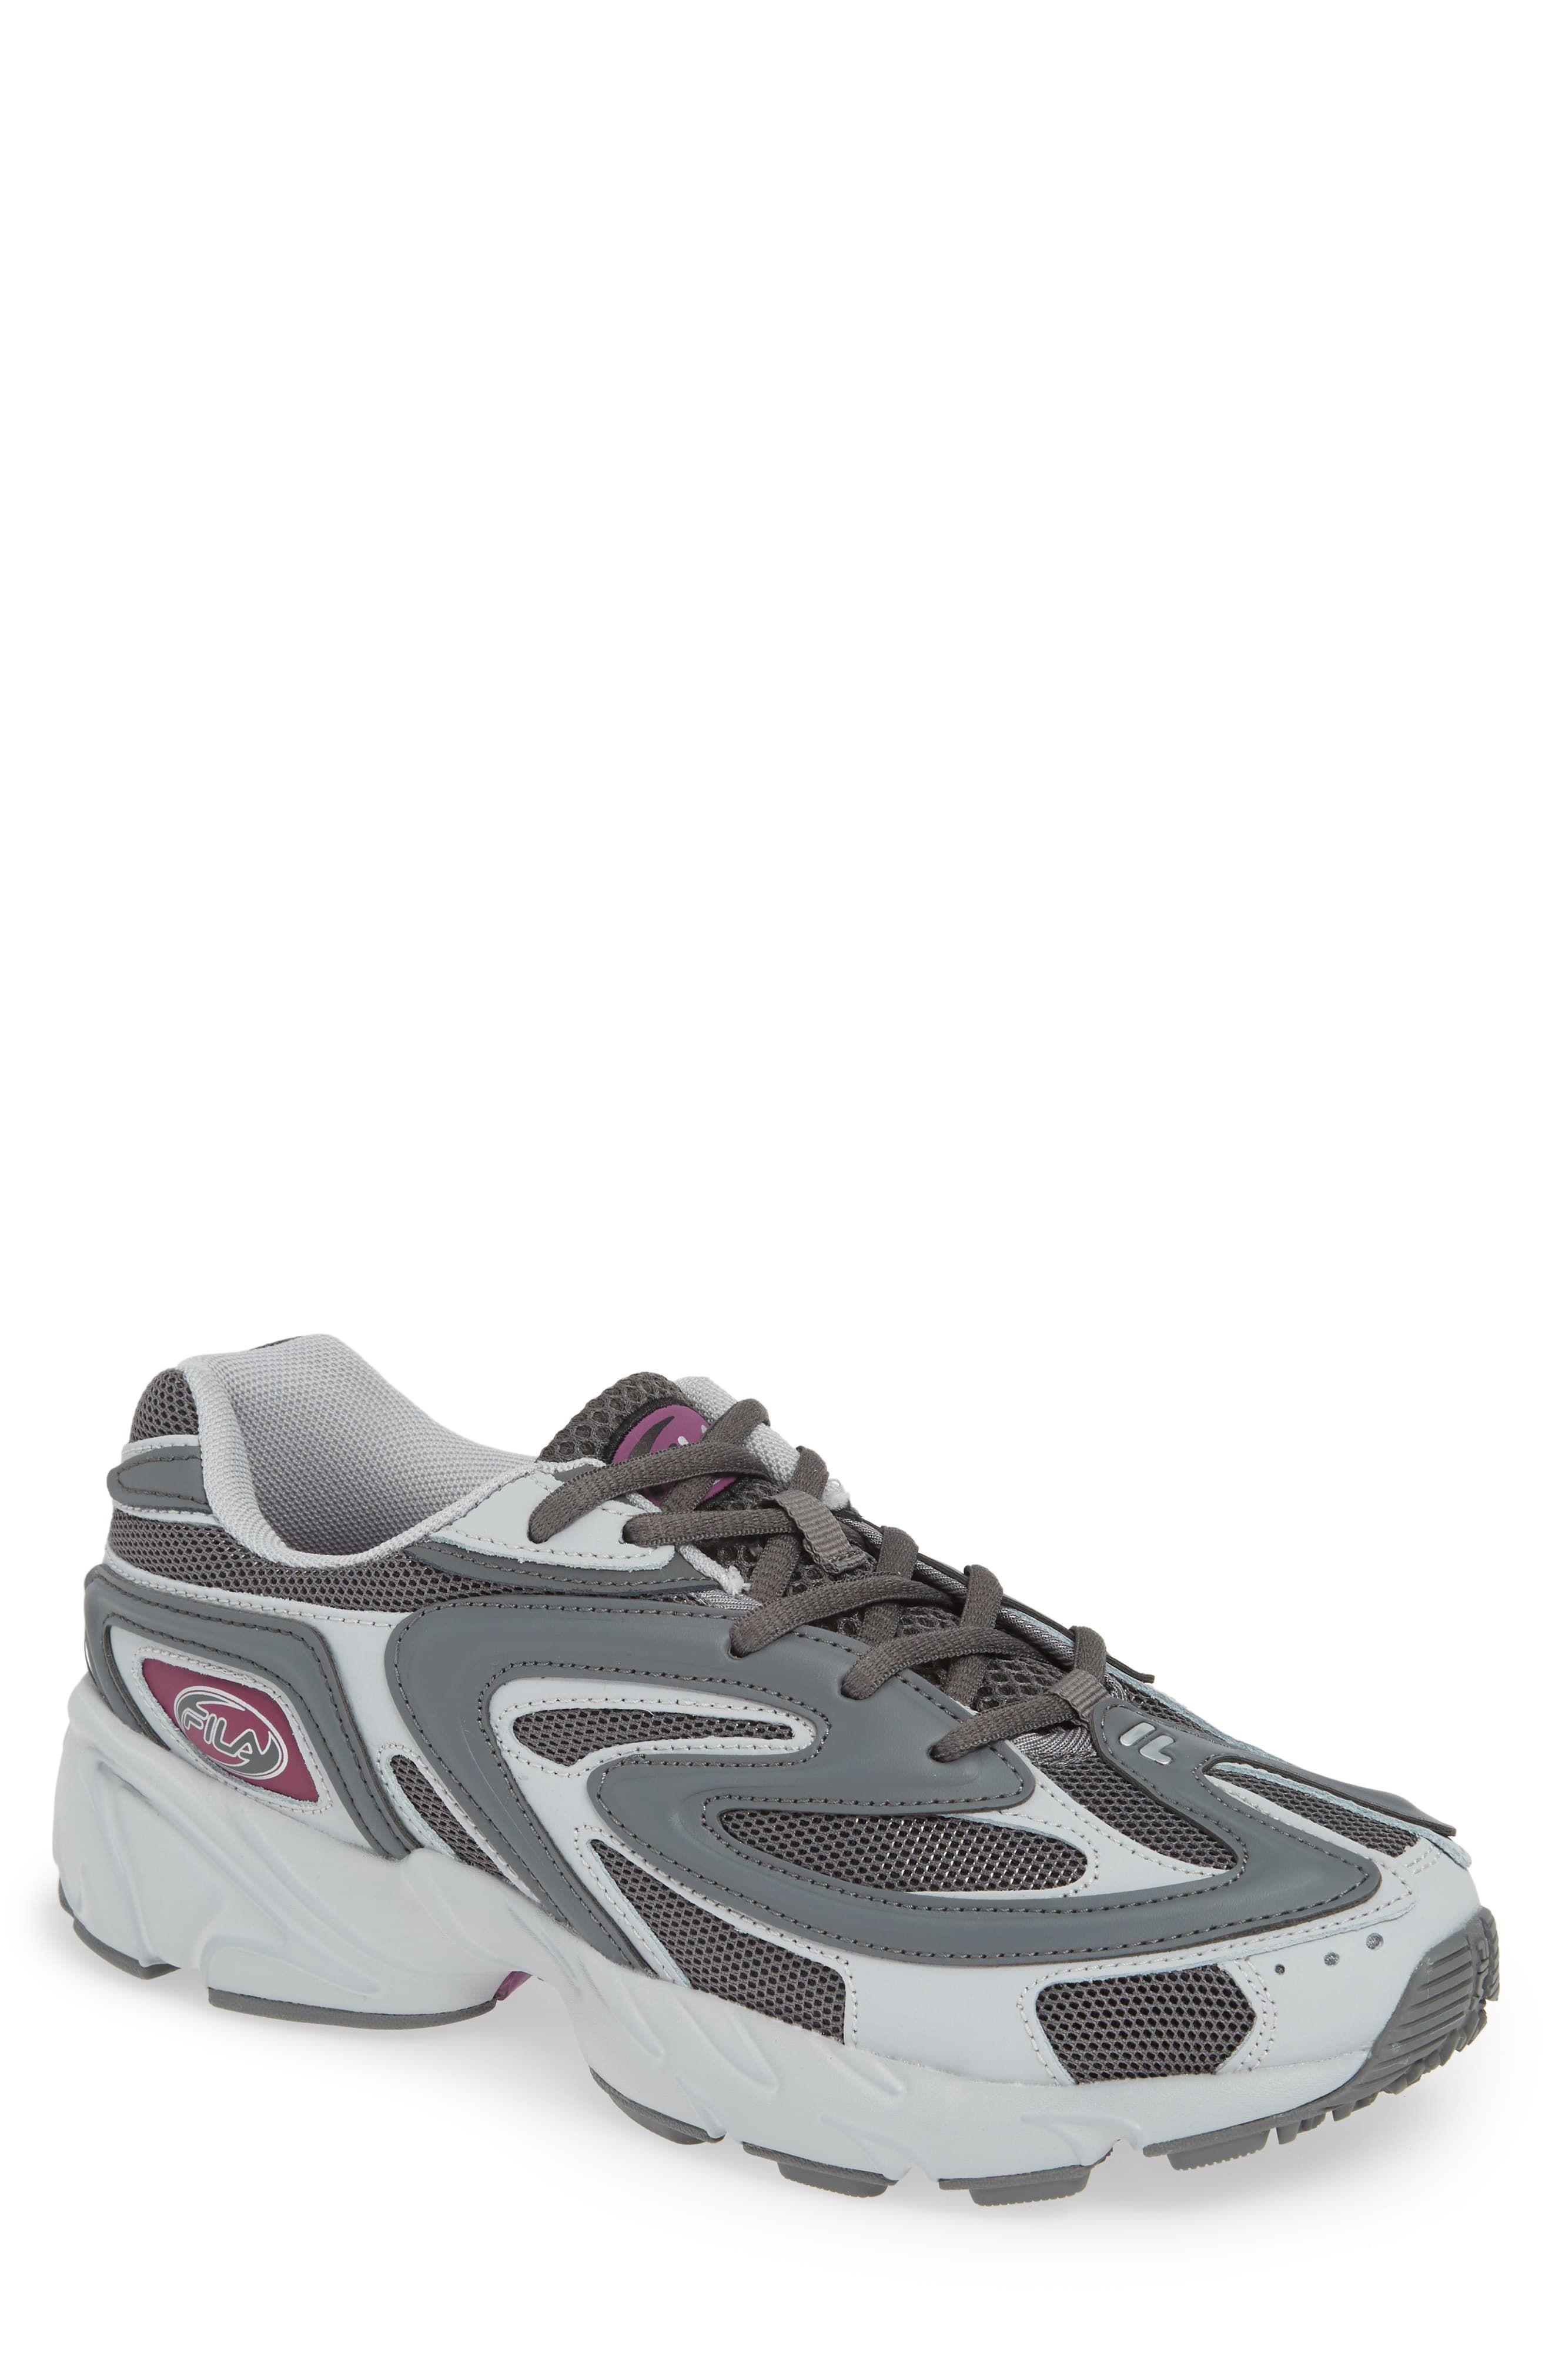 FILA Chaussures Junior V94M WhiteFila NavyFila Red